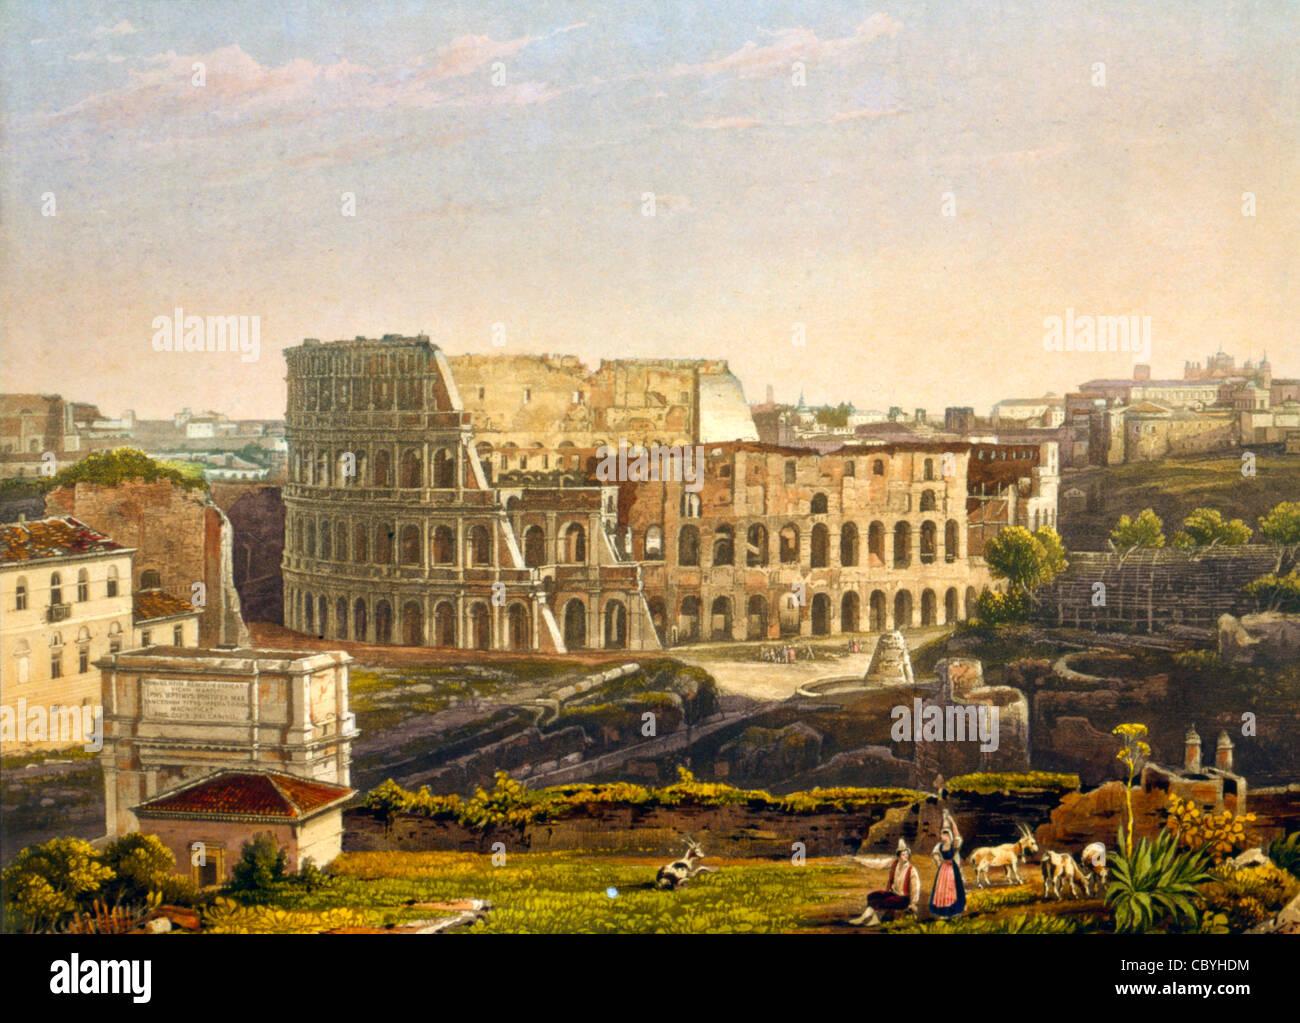 Vista del Coliseo, Roma, Italia. Le Colisee a Roma! Circa 1842 Imagen De Stock